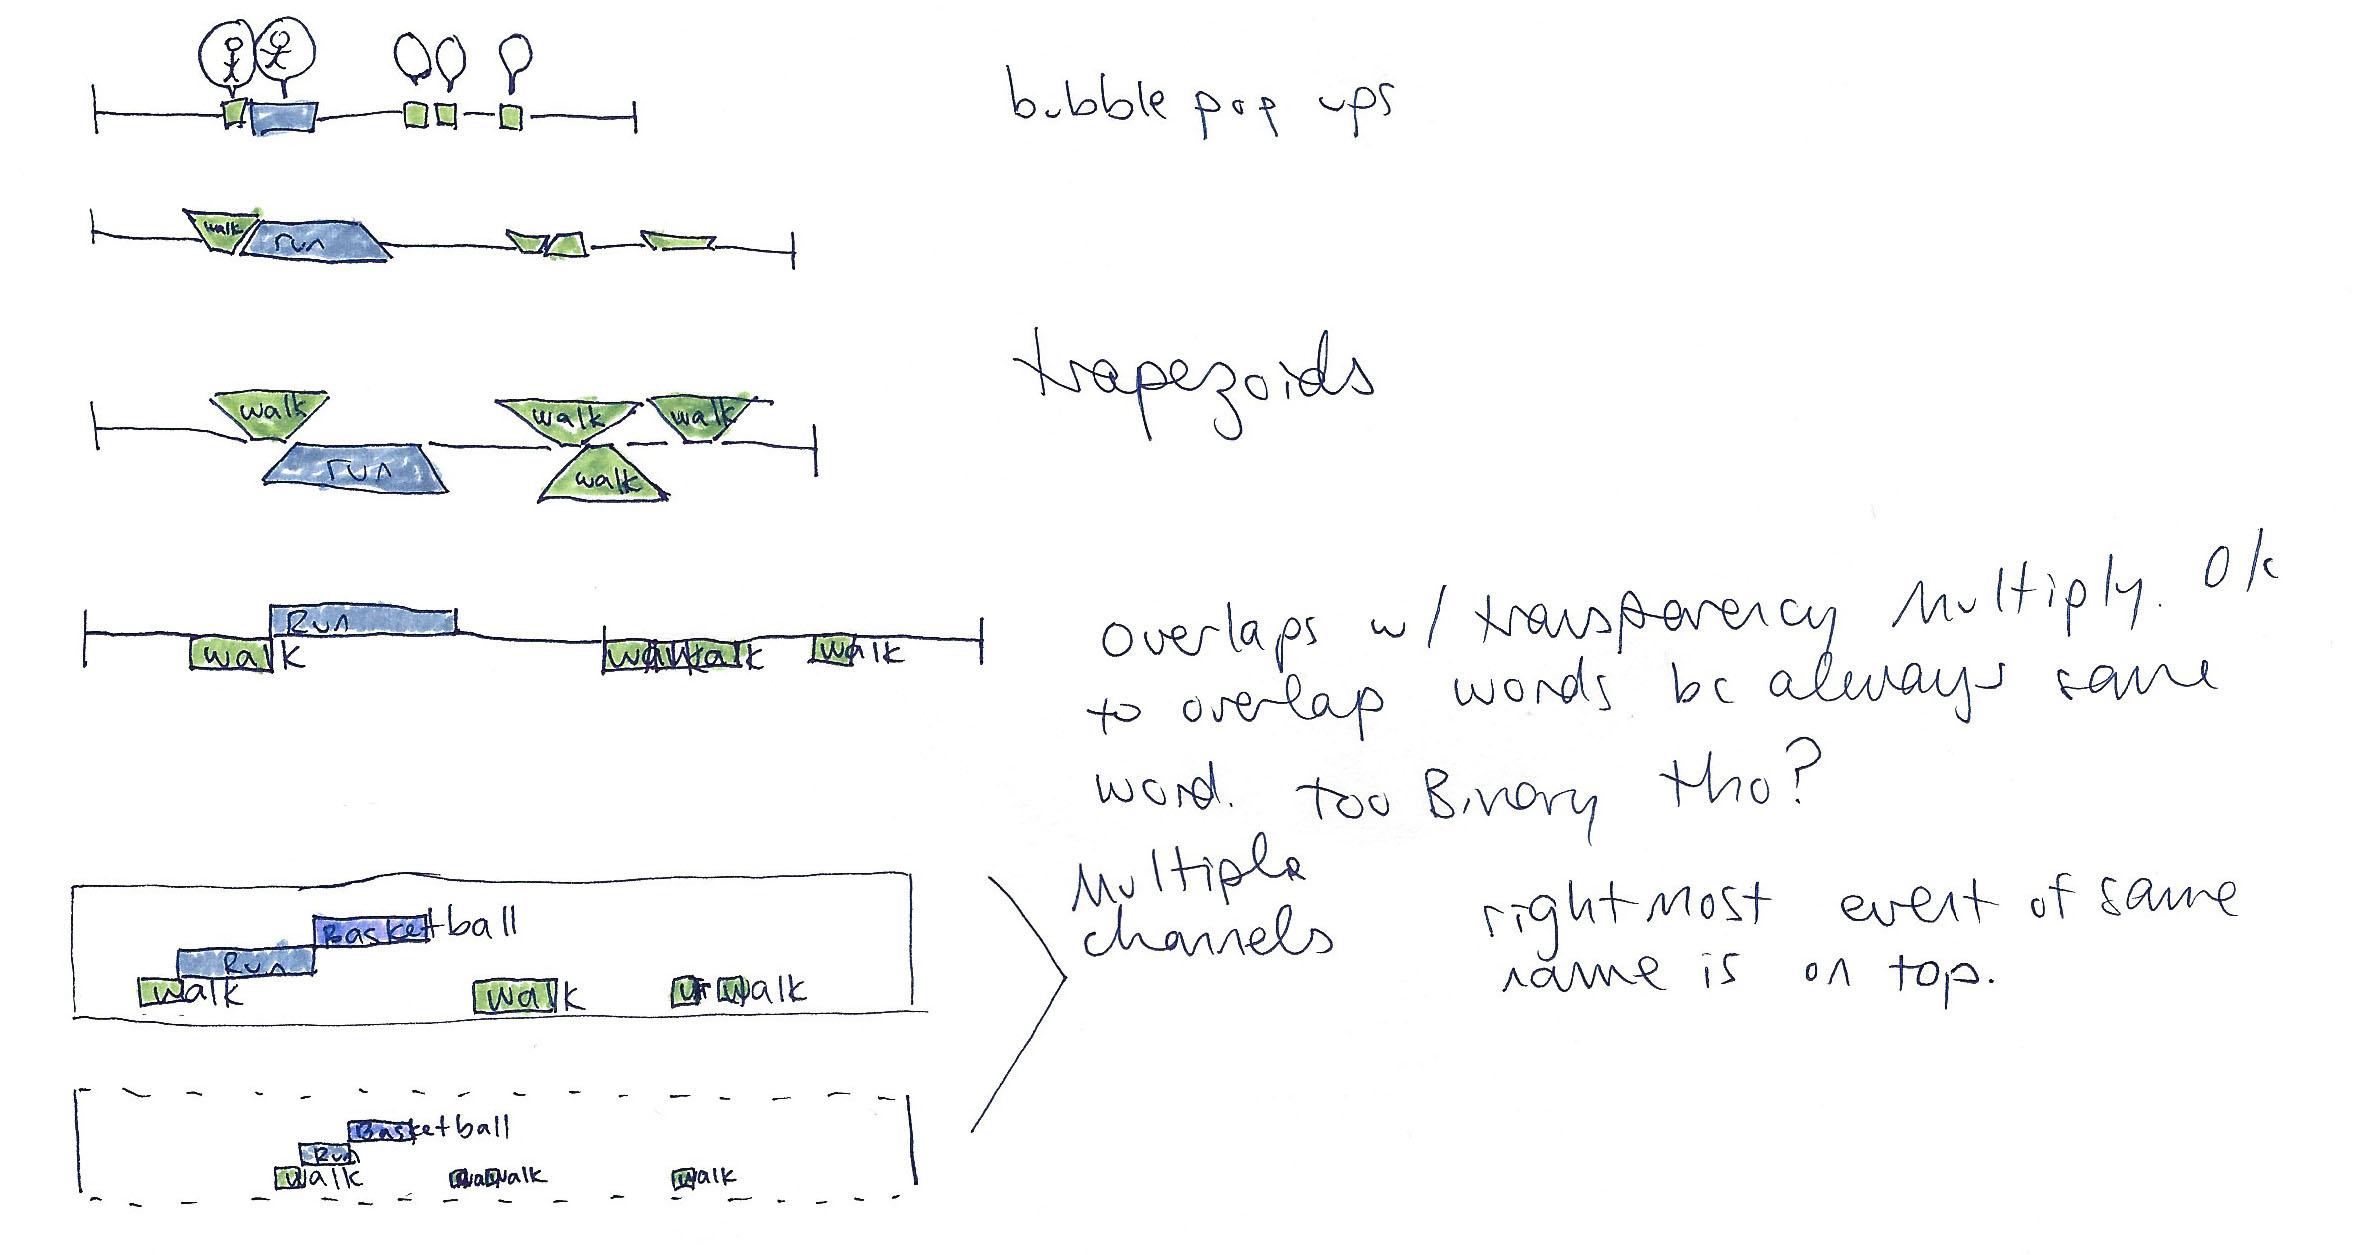 10 timeline_drawings 2.jpg